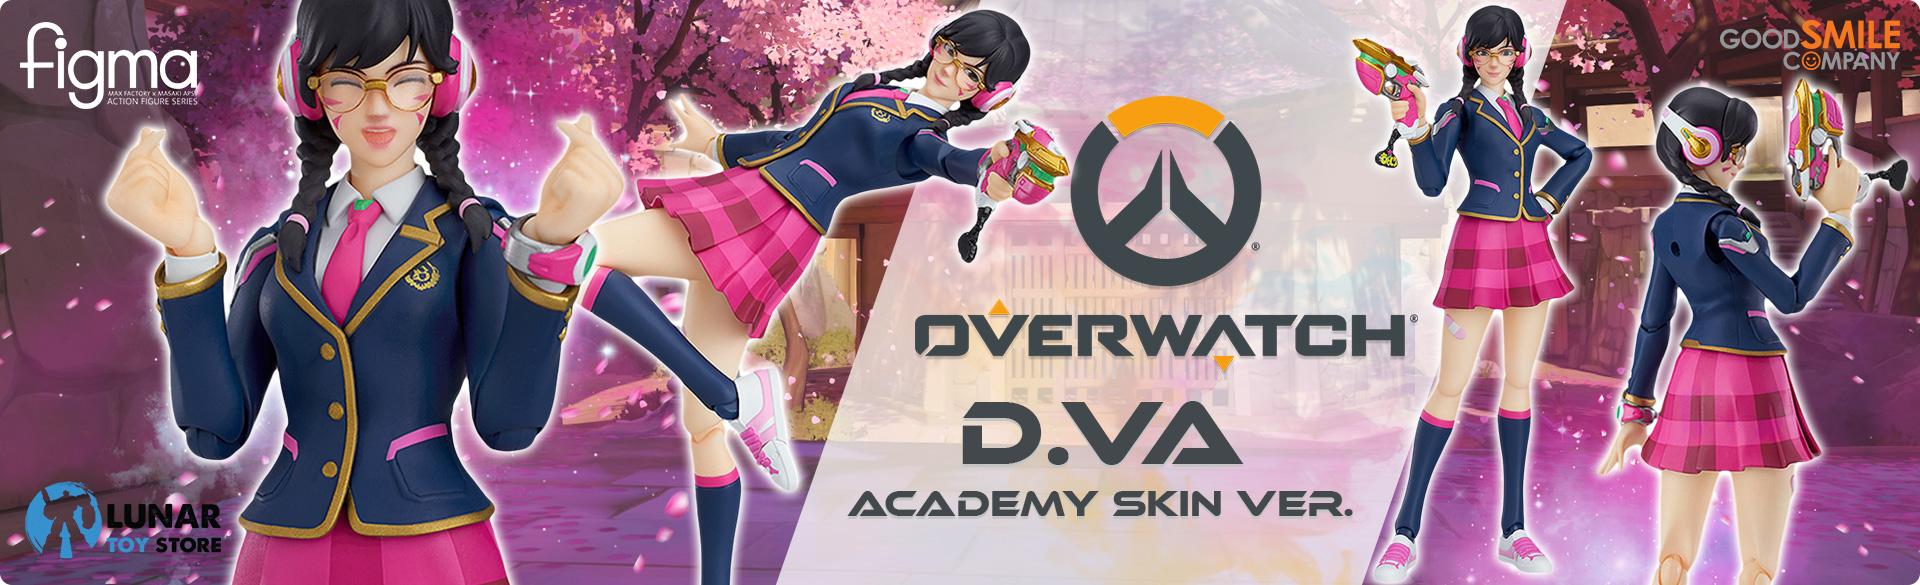 D.Va: Academy Skin Ver. figma